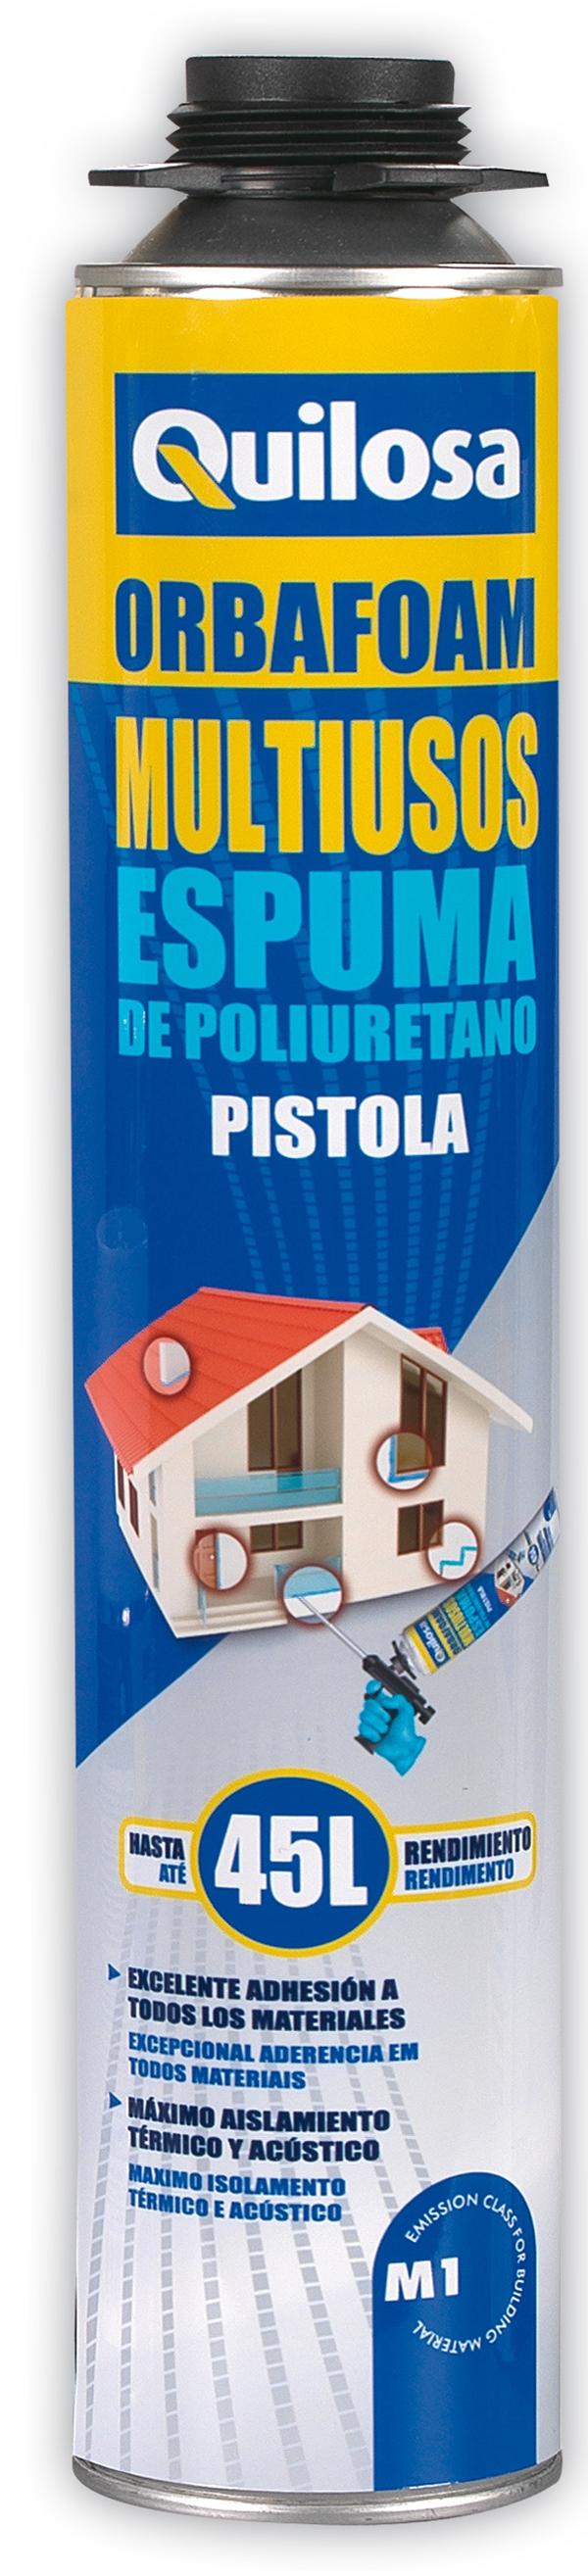 3544b503fed Espuma poliuretano Orbafoam multiusos 750 ml Quilosa   adhesivos ...